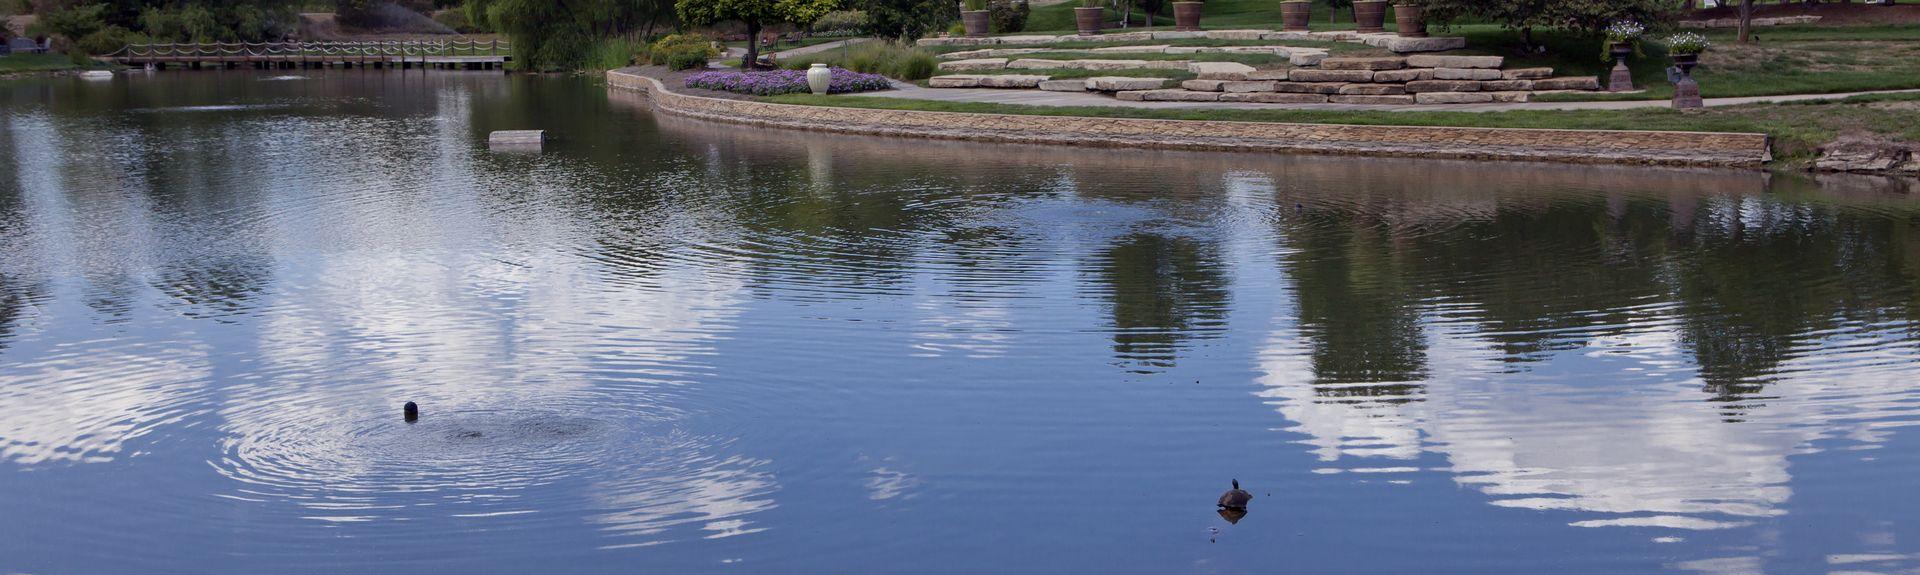 Overland Park, Kansas, Estados Unidos